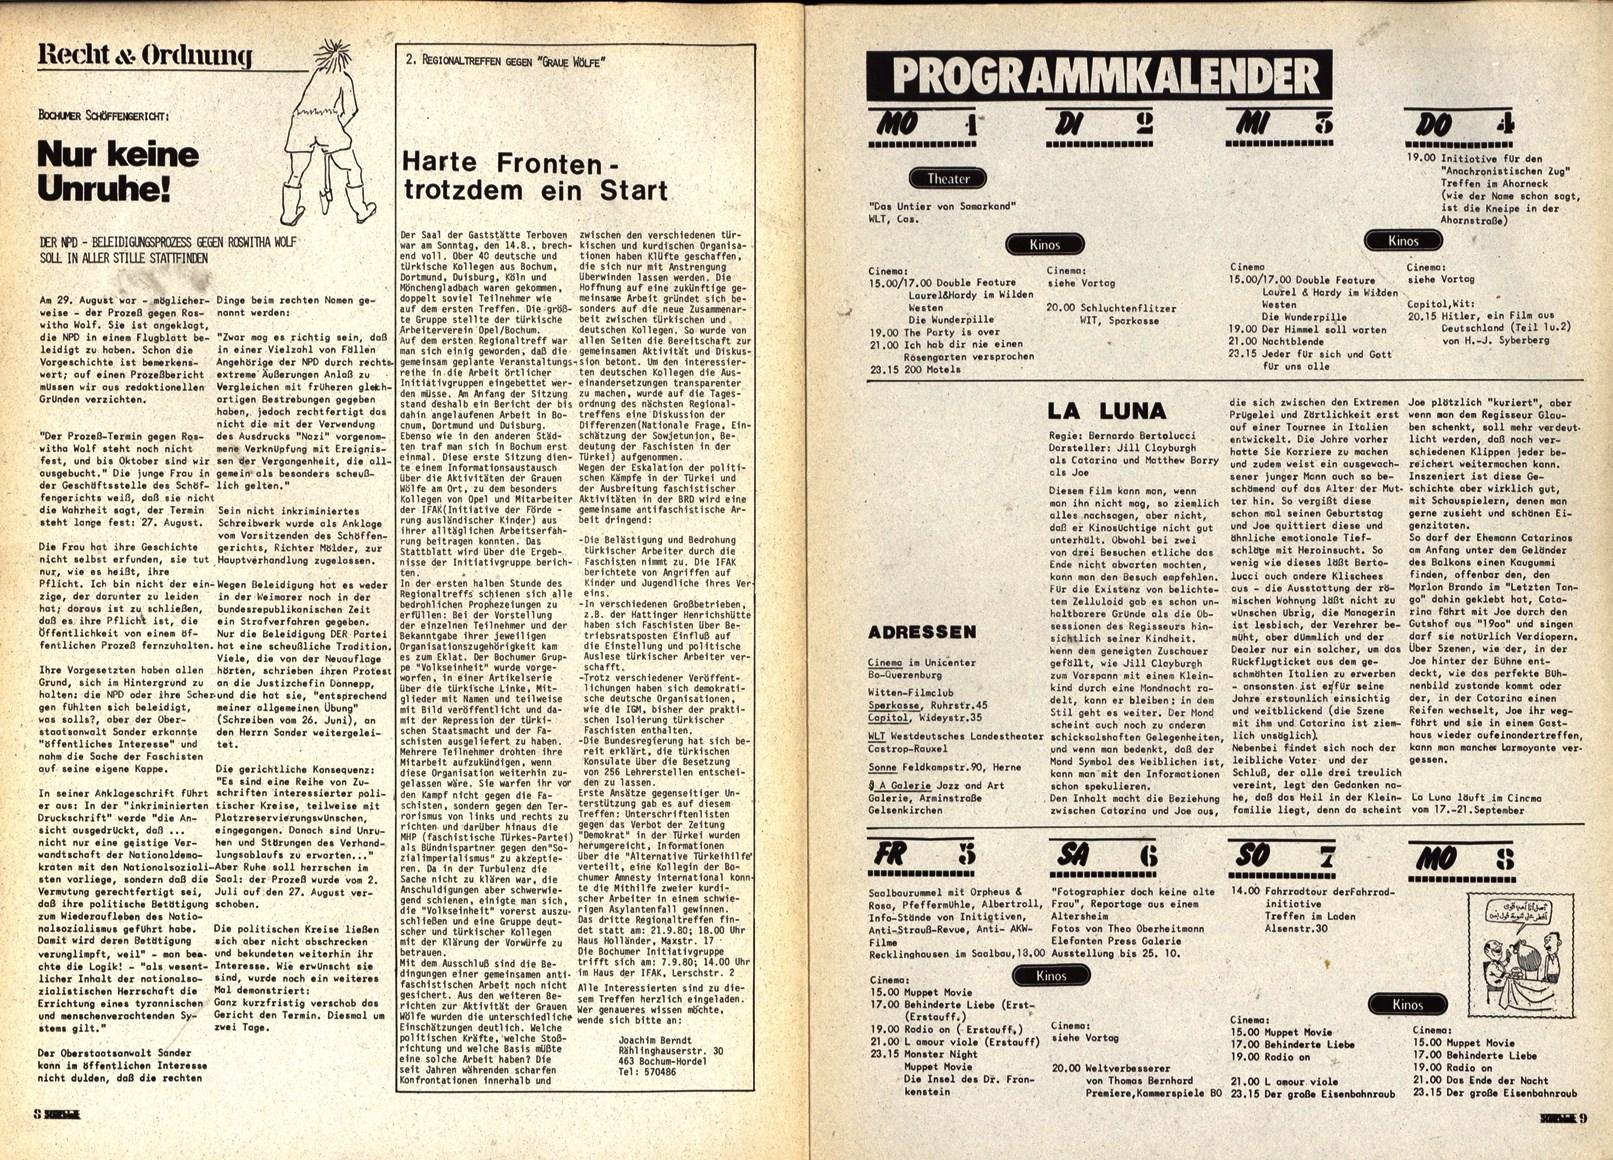 Bochum_Stattblatt_19800900_40_05